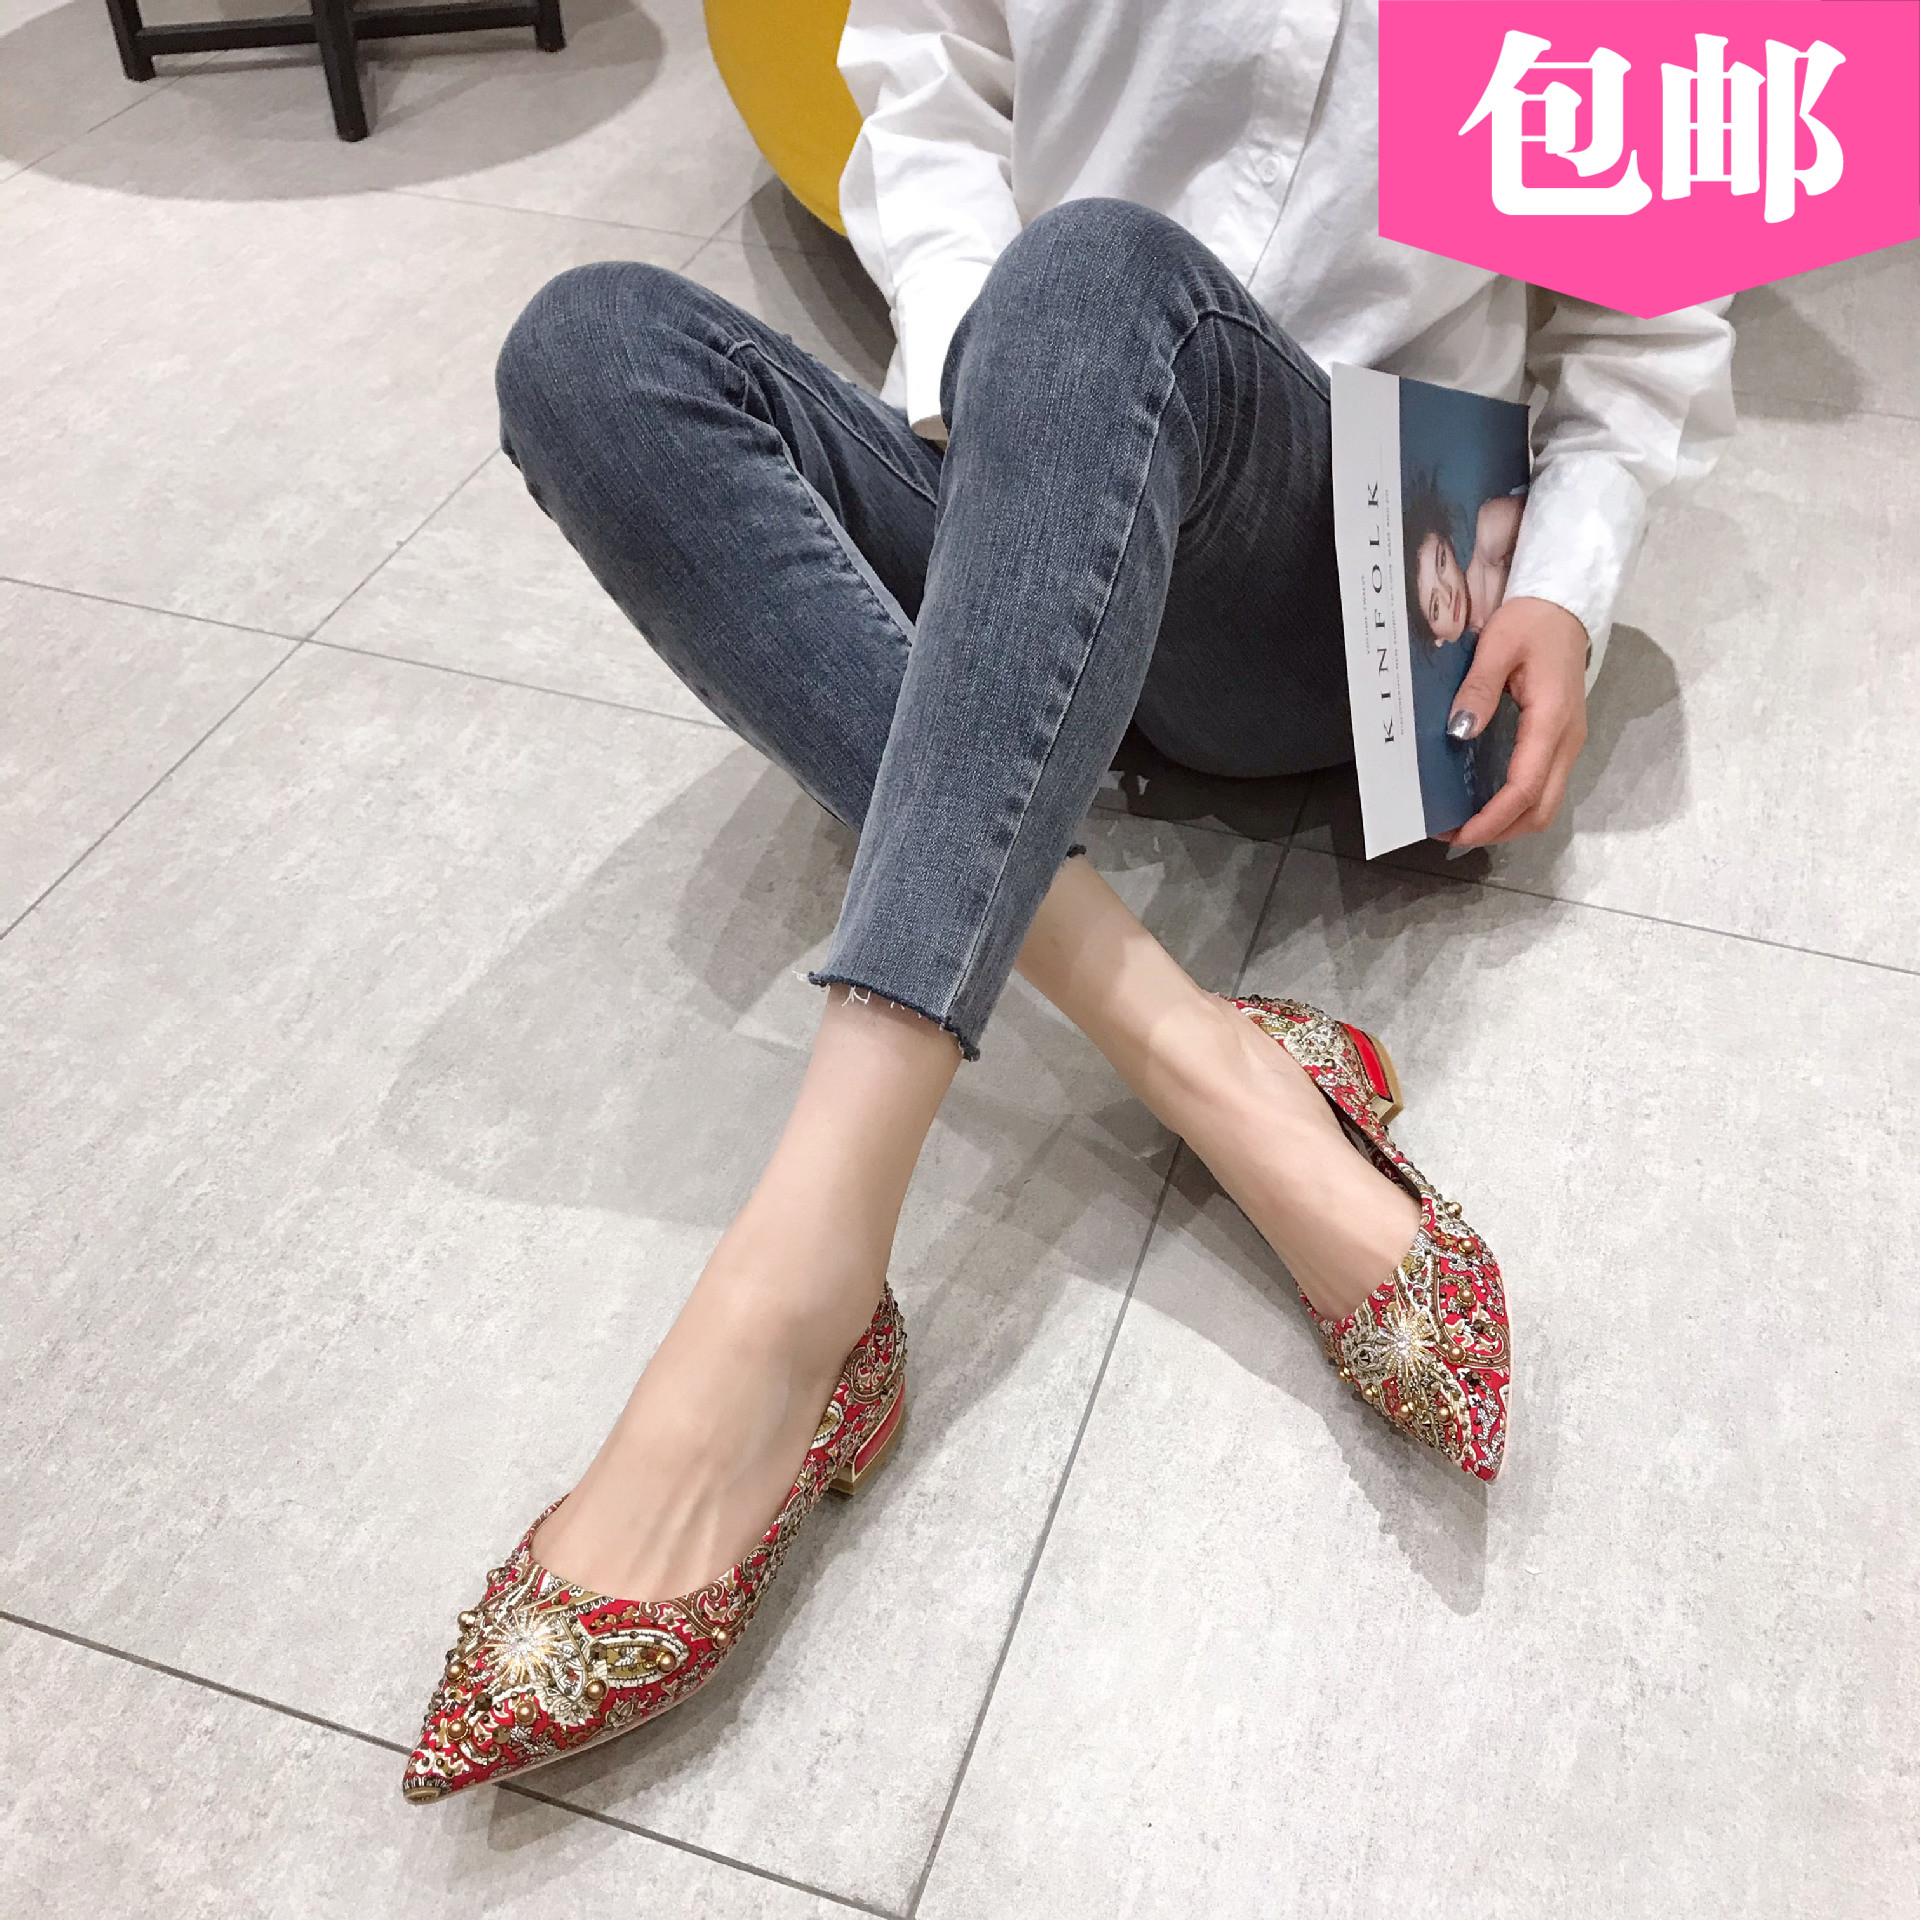 婚鞋尖头悠闲鞋女装休闲女式新款中式低跟平跟水钻新娘鞋铆钉伴娘